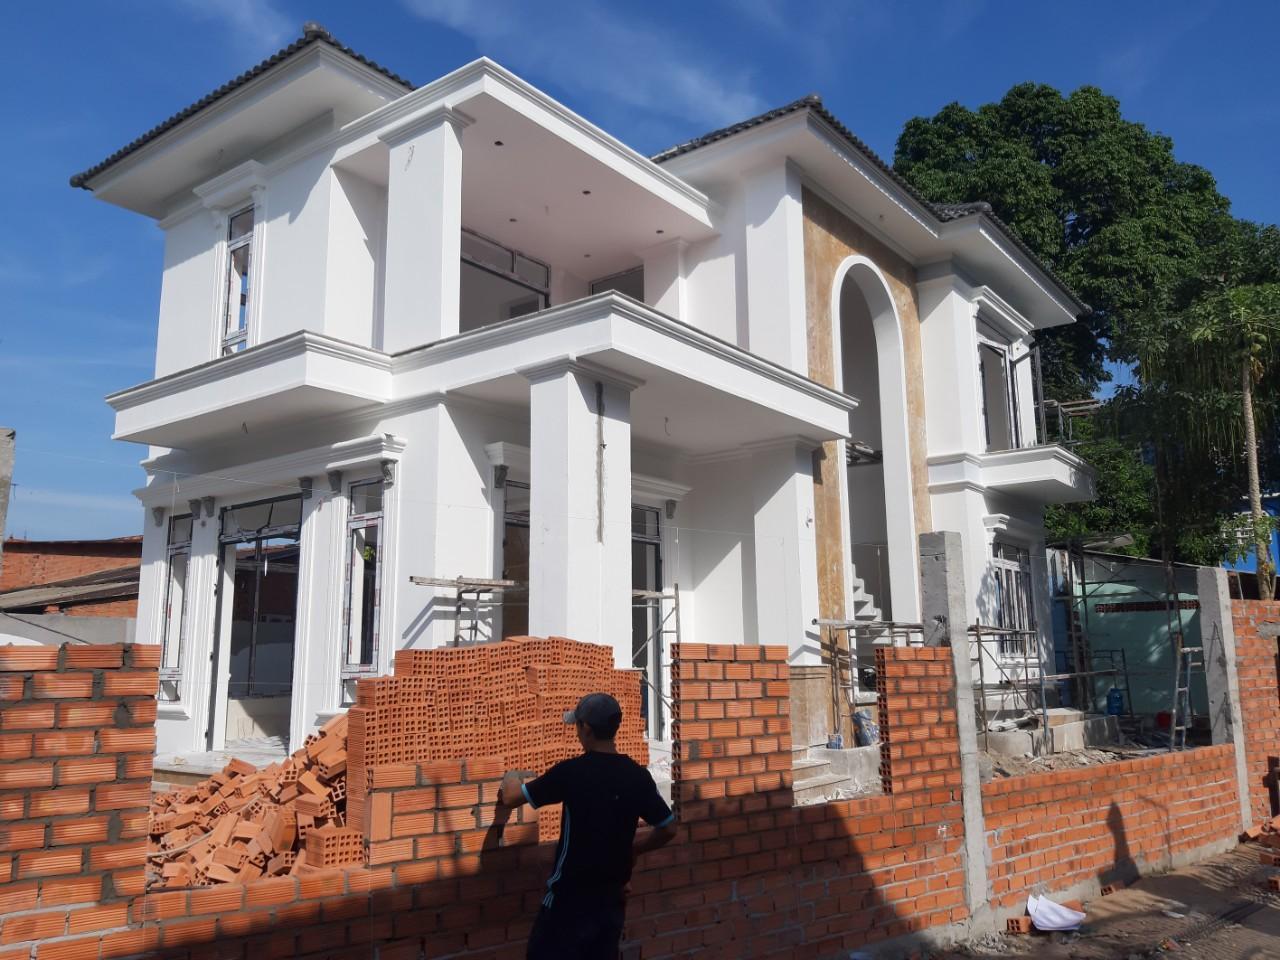 Nhà thầu xây dựng tại Tư Nghĩa Quảng Ngãi uy tín